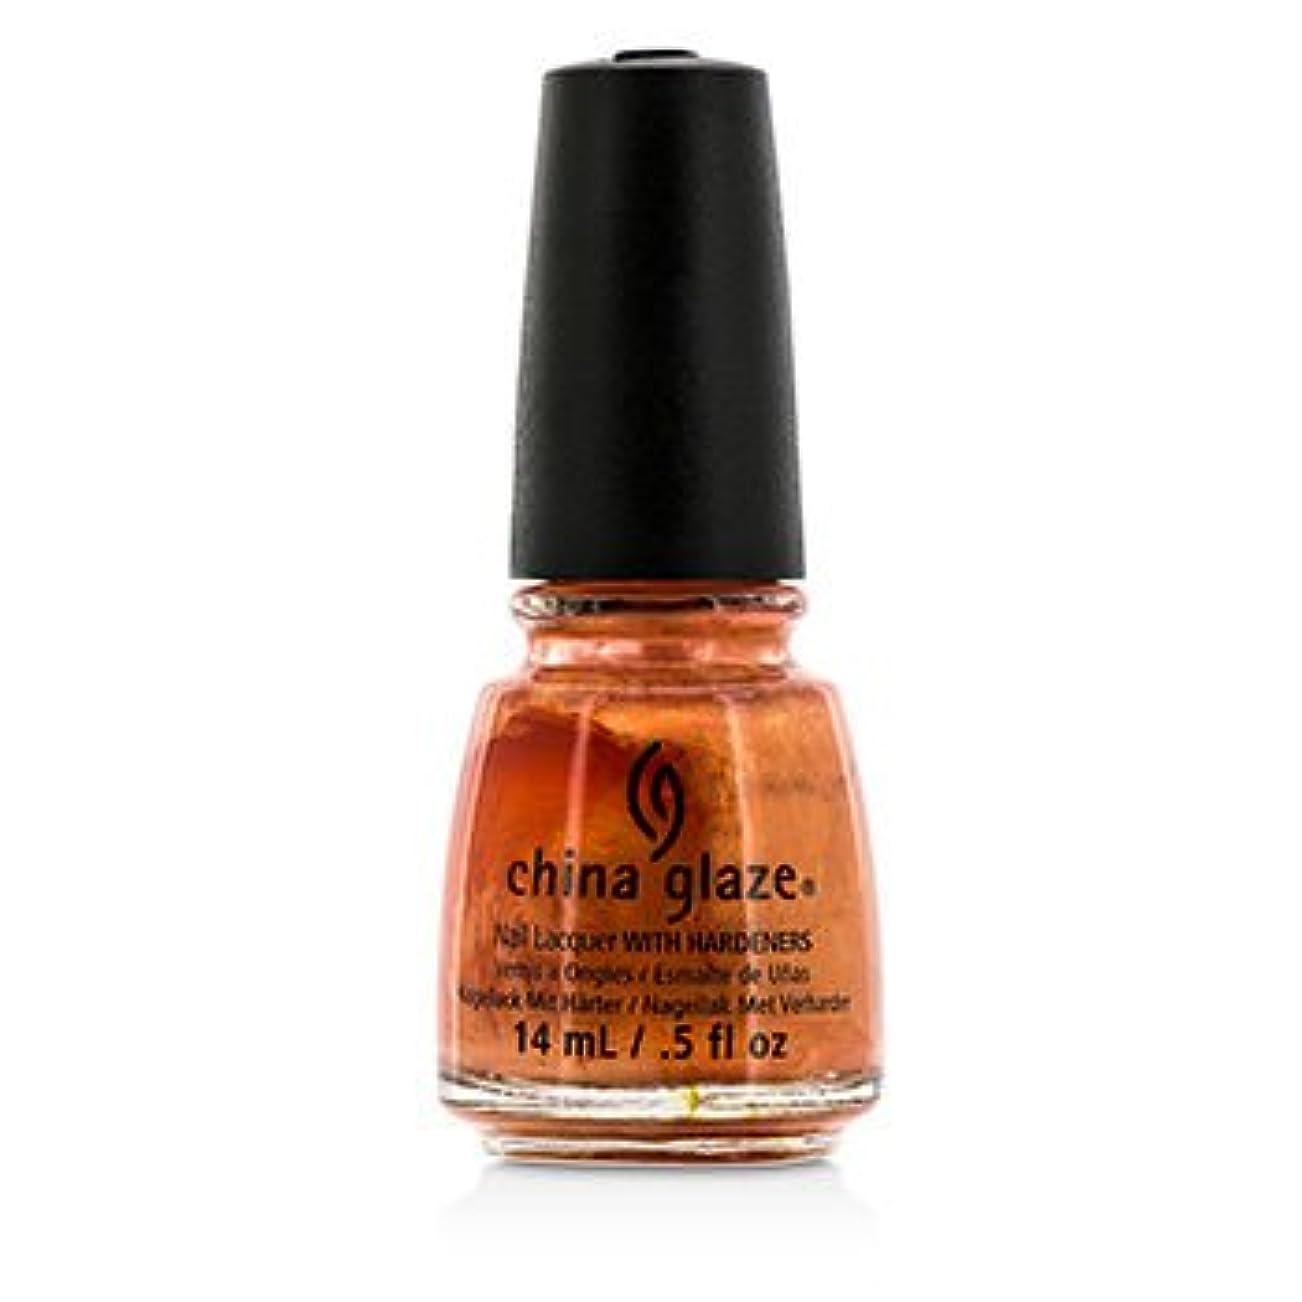 ジャーナル開示する毛細血管[China Glaze] Nail Lacquer - Thataway (093) 14ml/0.5oz